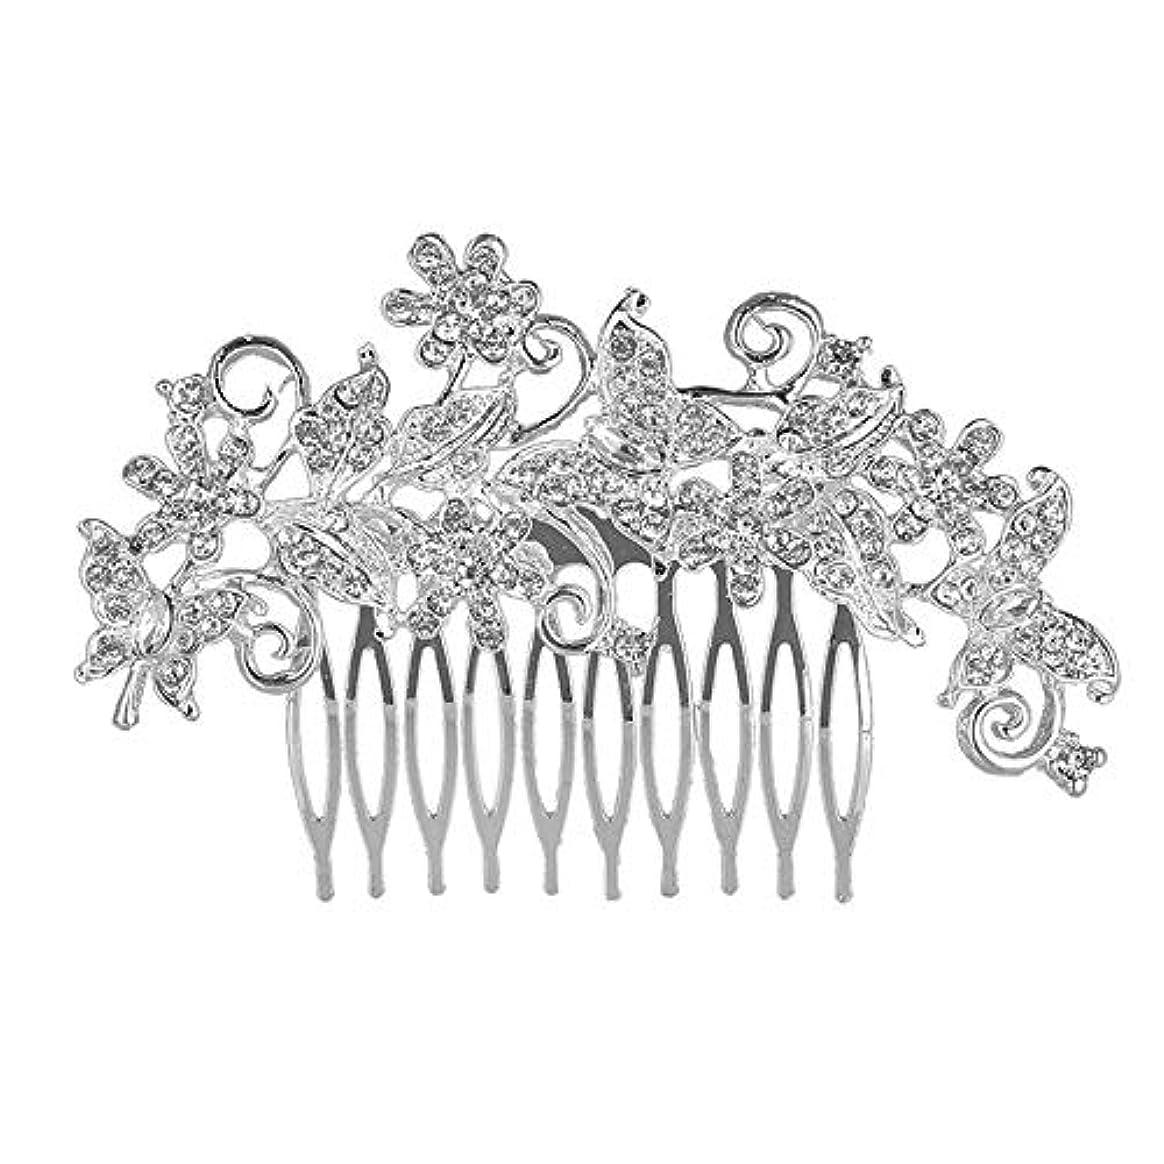 前方へ傷つきやすいダイヤモンド韓国のヘアアクセサリー_韓国の花嫁のヘアアクセサリー日の花のヘッドドレスファッションヘアコーム花嫁合金結婚式結婚式卸売